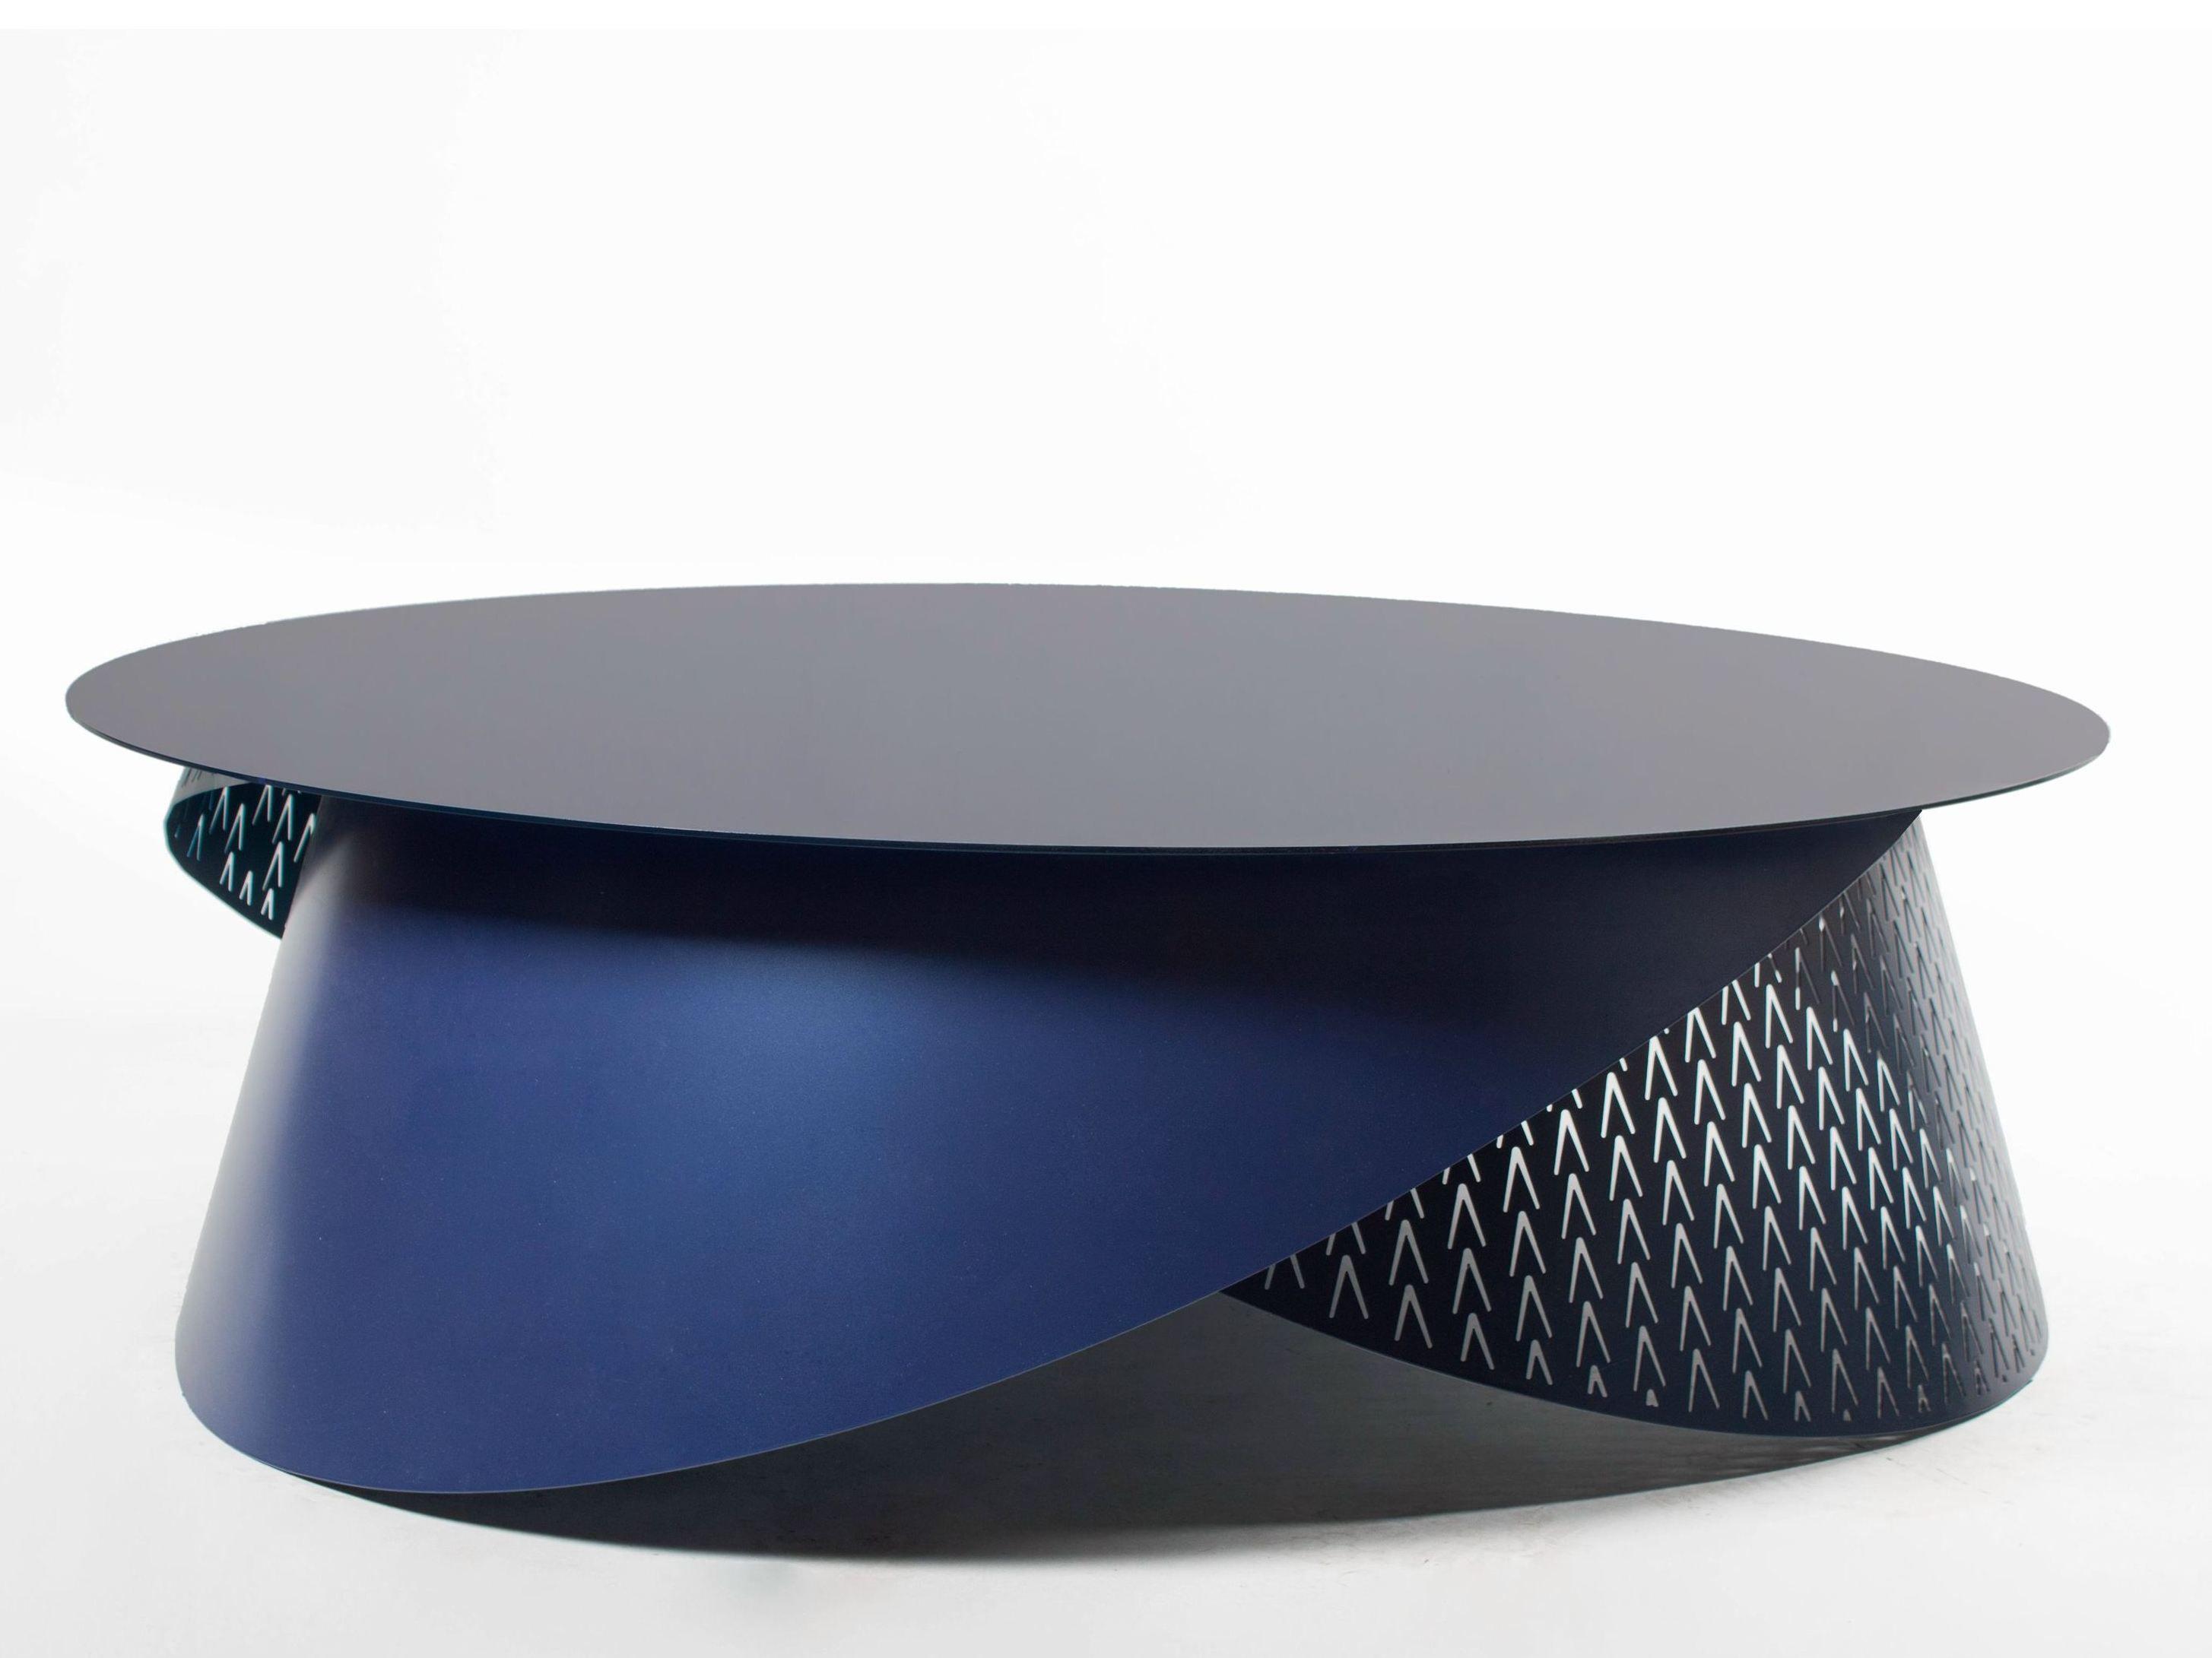 table basse laqu e en acier de salon physalie by roche bobois design jo lle rigal. Black Bedroom Furniture Sets. Home Design Ideas